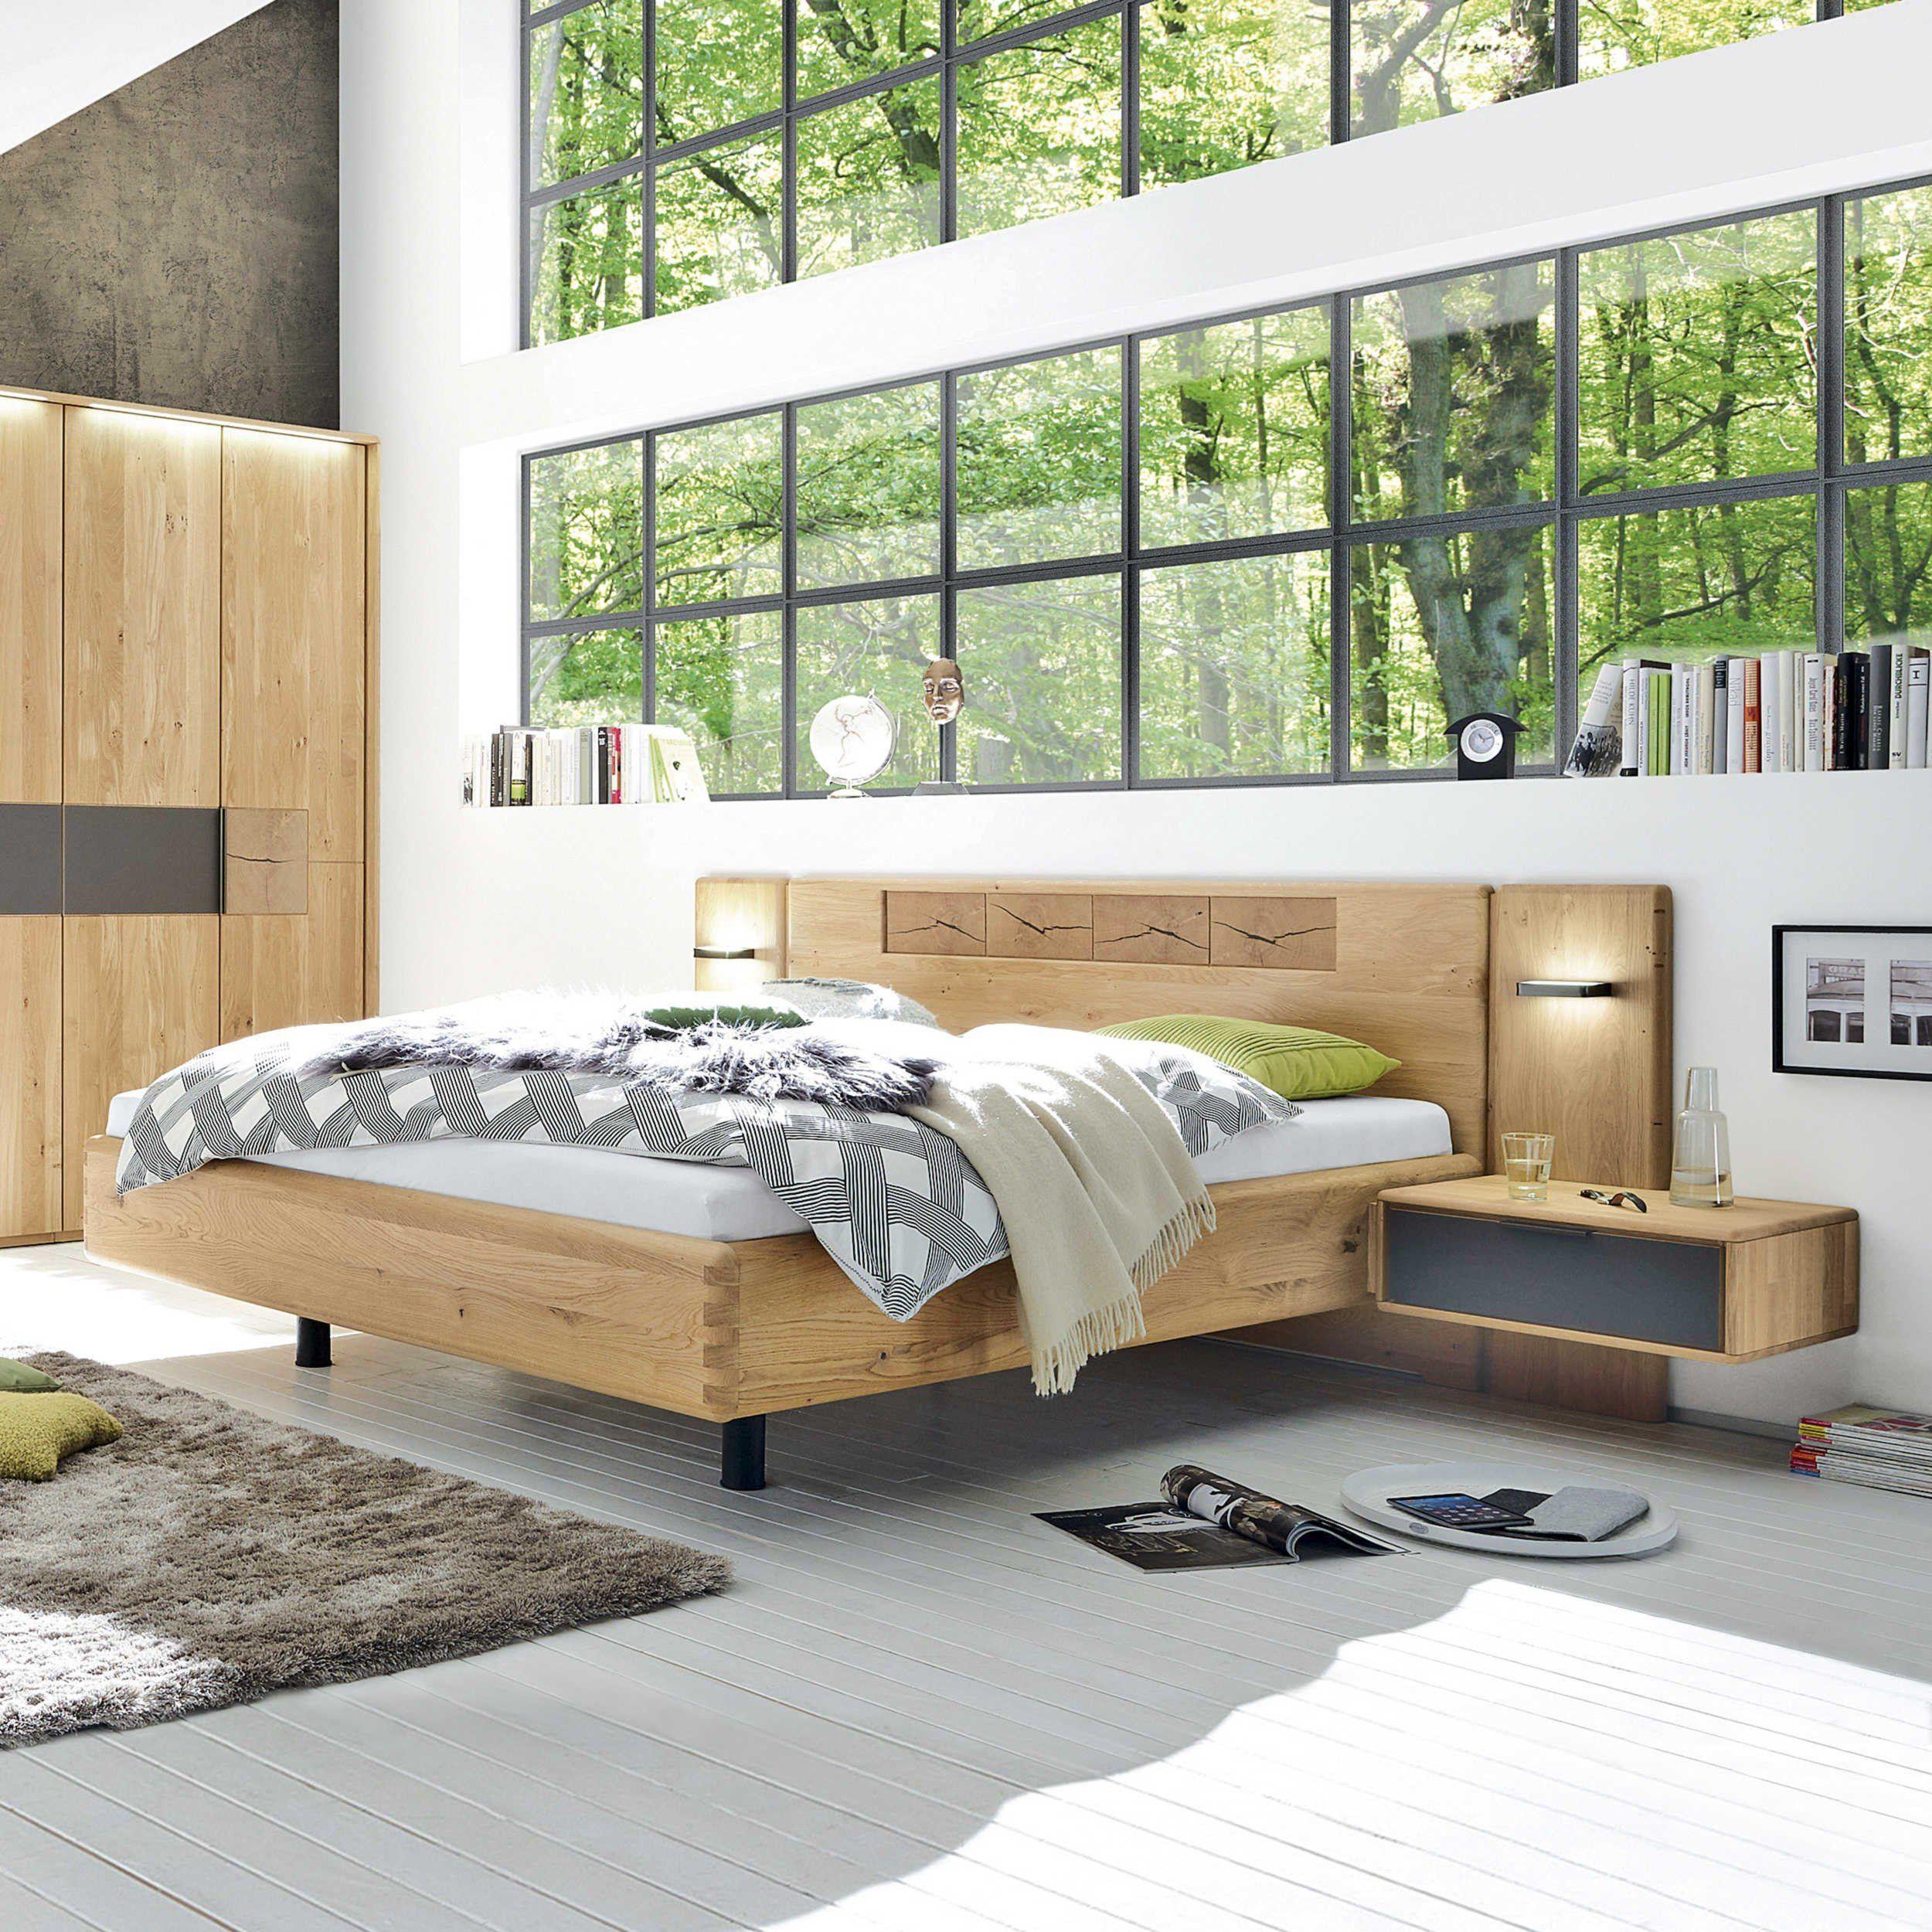 Full Size of Musterring Saphira Wstmann Bett Mit Nachttischen Wsm 1600 180 200 Cm Esstisch Betten Wohnzimmer Musterring Saphira